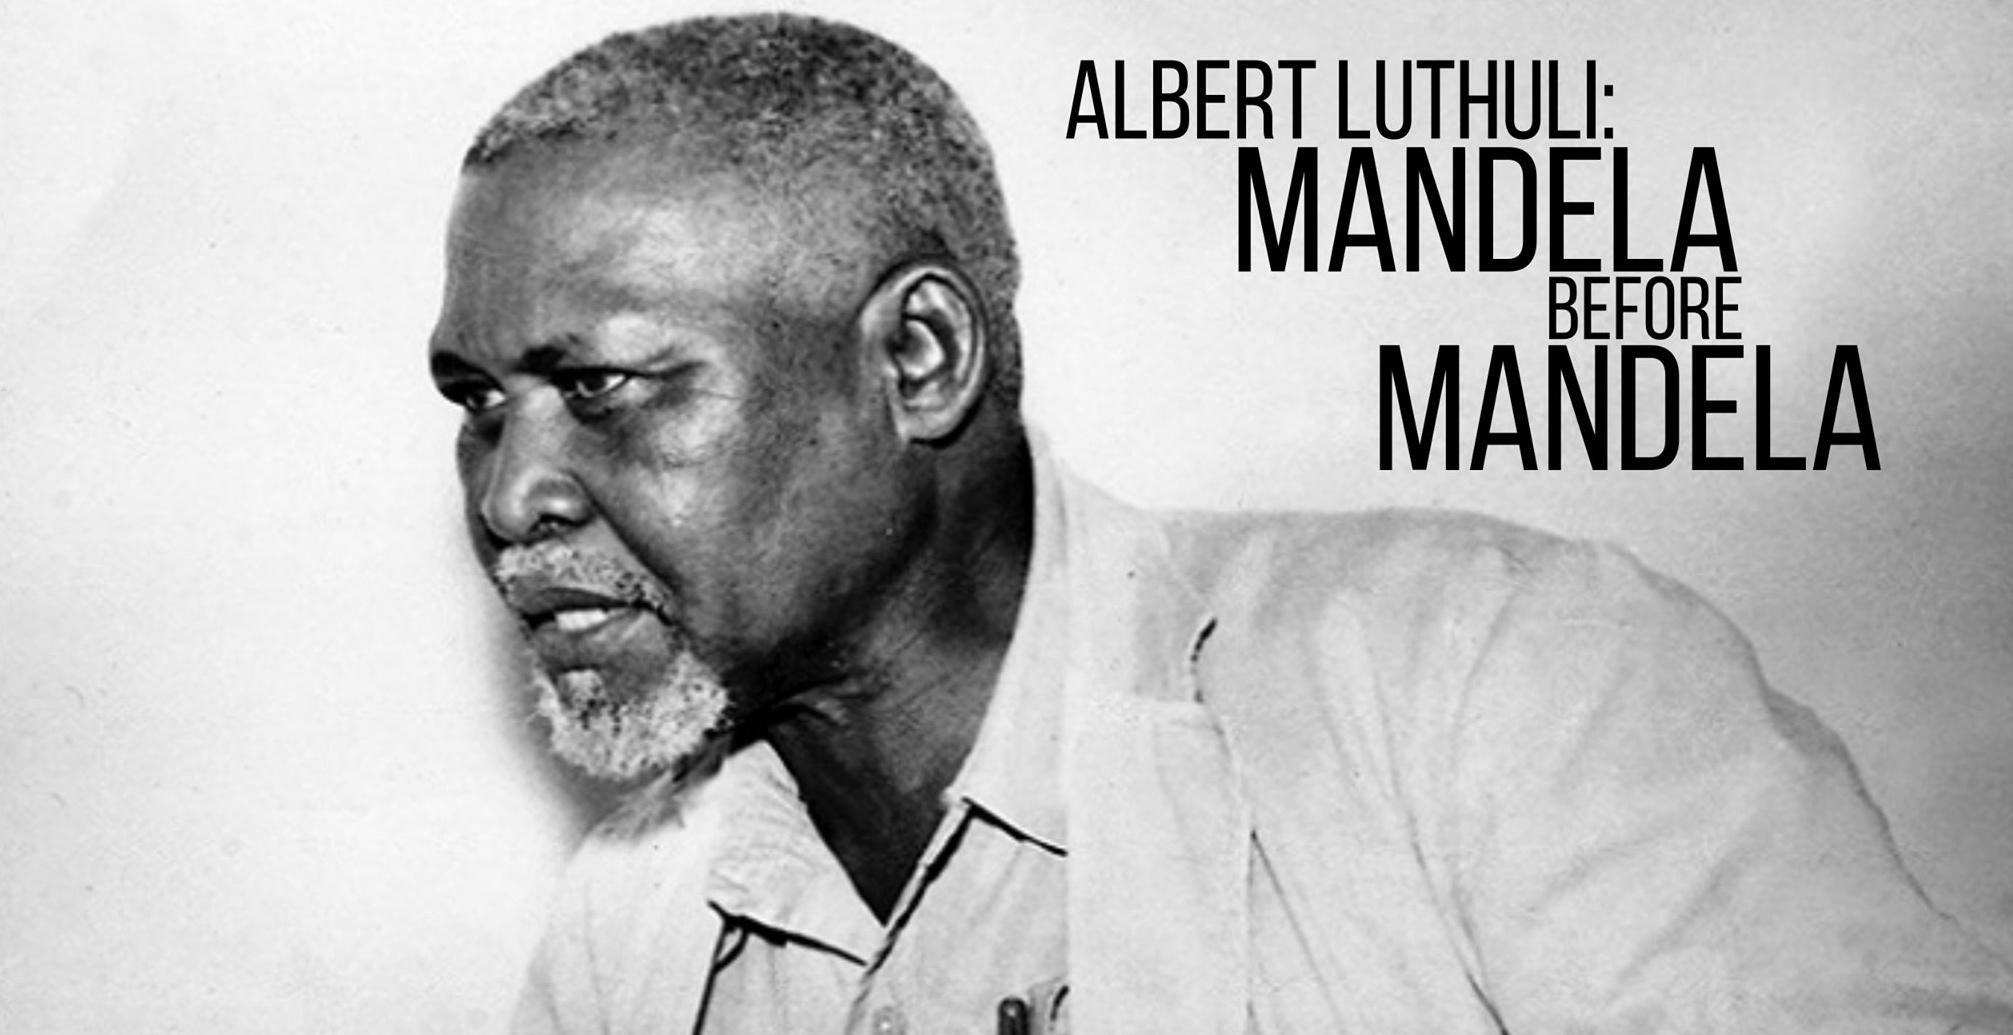 Albert Luthuli: Mandela Before Mandela